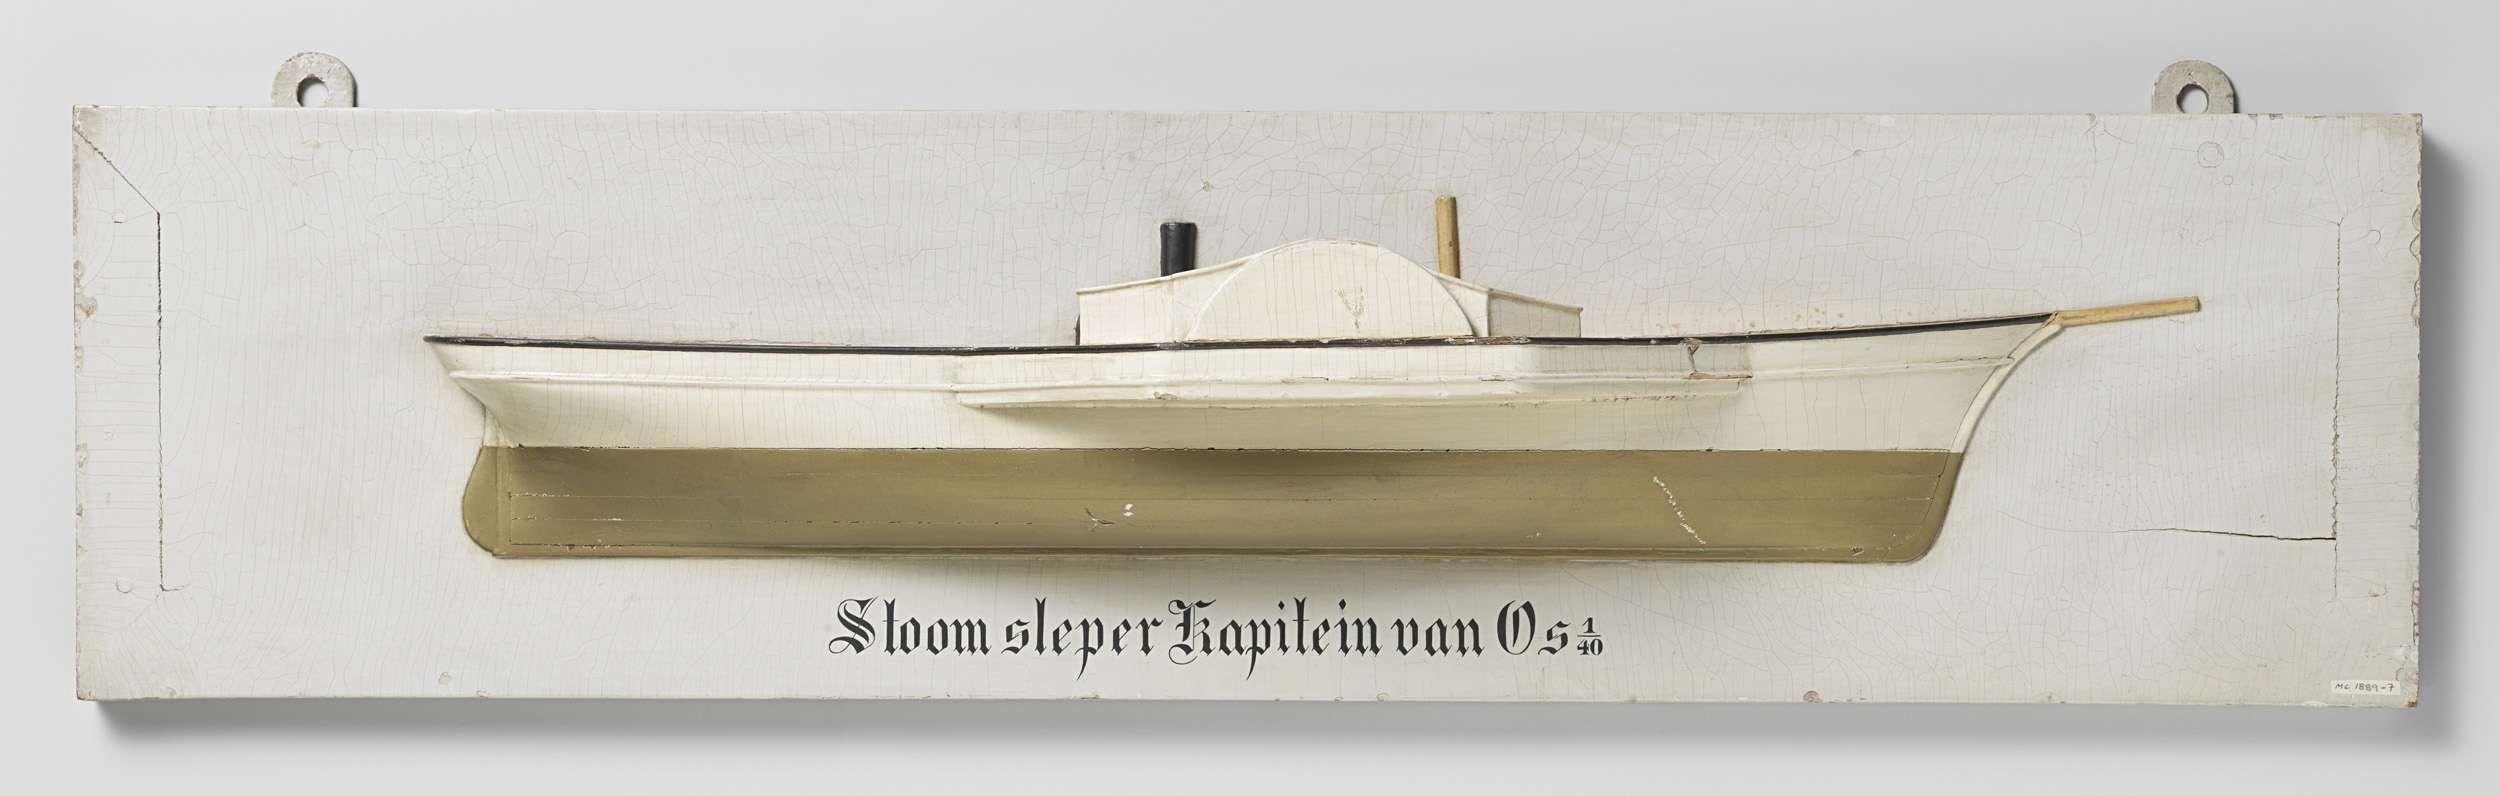 Anonymous   Halfmodel van een raderstoomschip, Anonymous, c. 1860 - c. 1880   Gepolychromeerd stapelmodel (stuurboord) van een eenmast raderstoomschip. Klippersteven. Elliptisch hek met roer met ronde roerkoning (Amerikaans roer) en afgerond blad. Eén gesloten raderkast in de zijde. Aan dek een schoorsteen met daarachter een bolle uitstulping, waarschijnlijk de ketel of stoomkap. De zeeg loopt naar voren op; het onderwaterschip is een rondspant met vlakke bodem. Schaal 1:40 (schaal op…